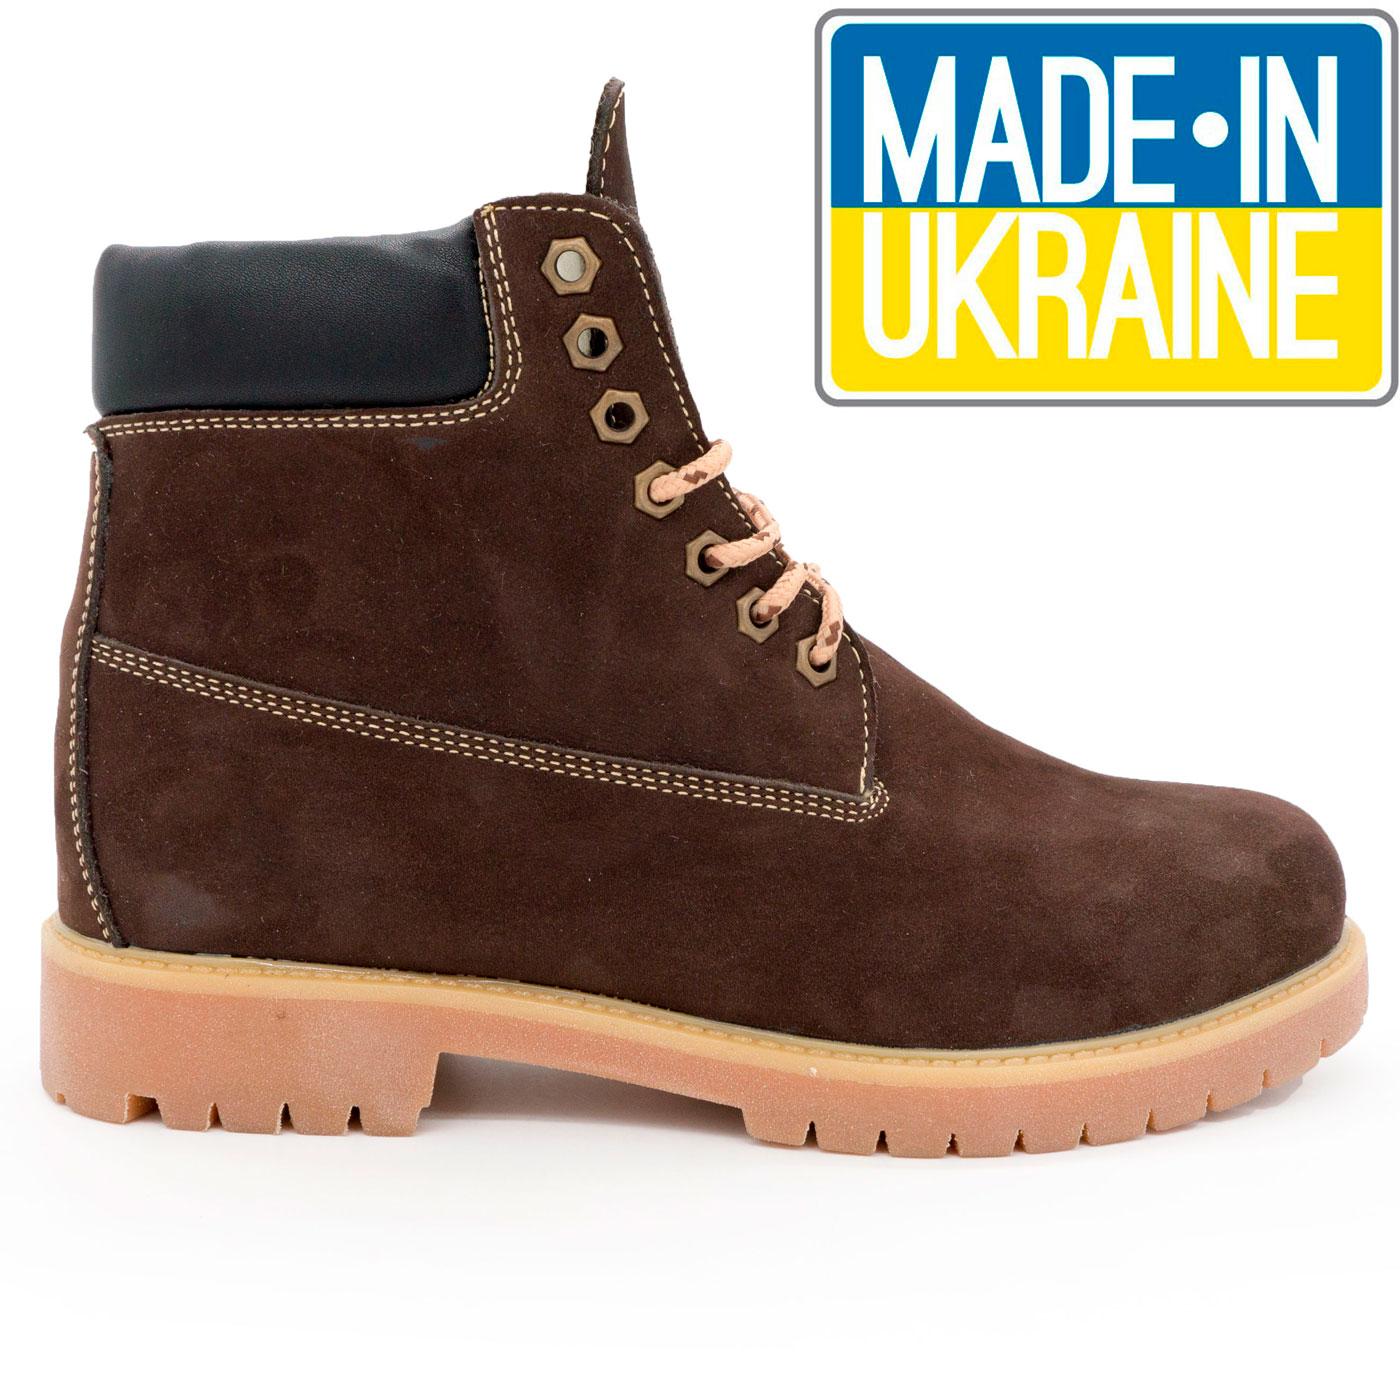 фото main Коричневые ботинки Реплика - Timberland 102 (сделано в Украине) main